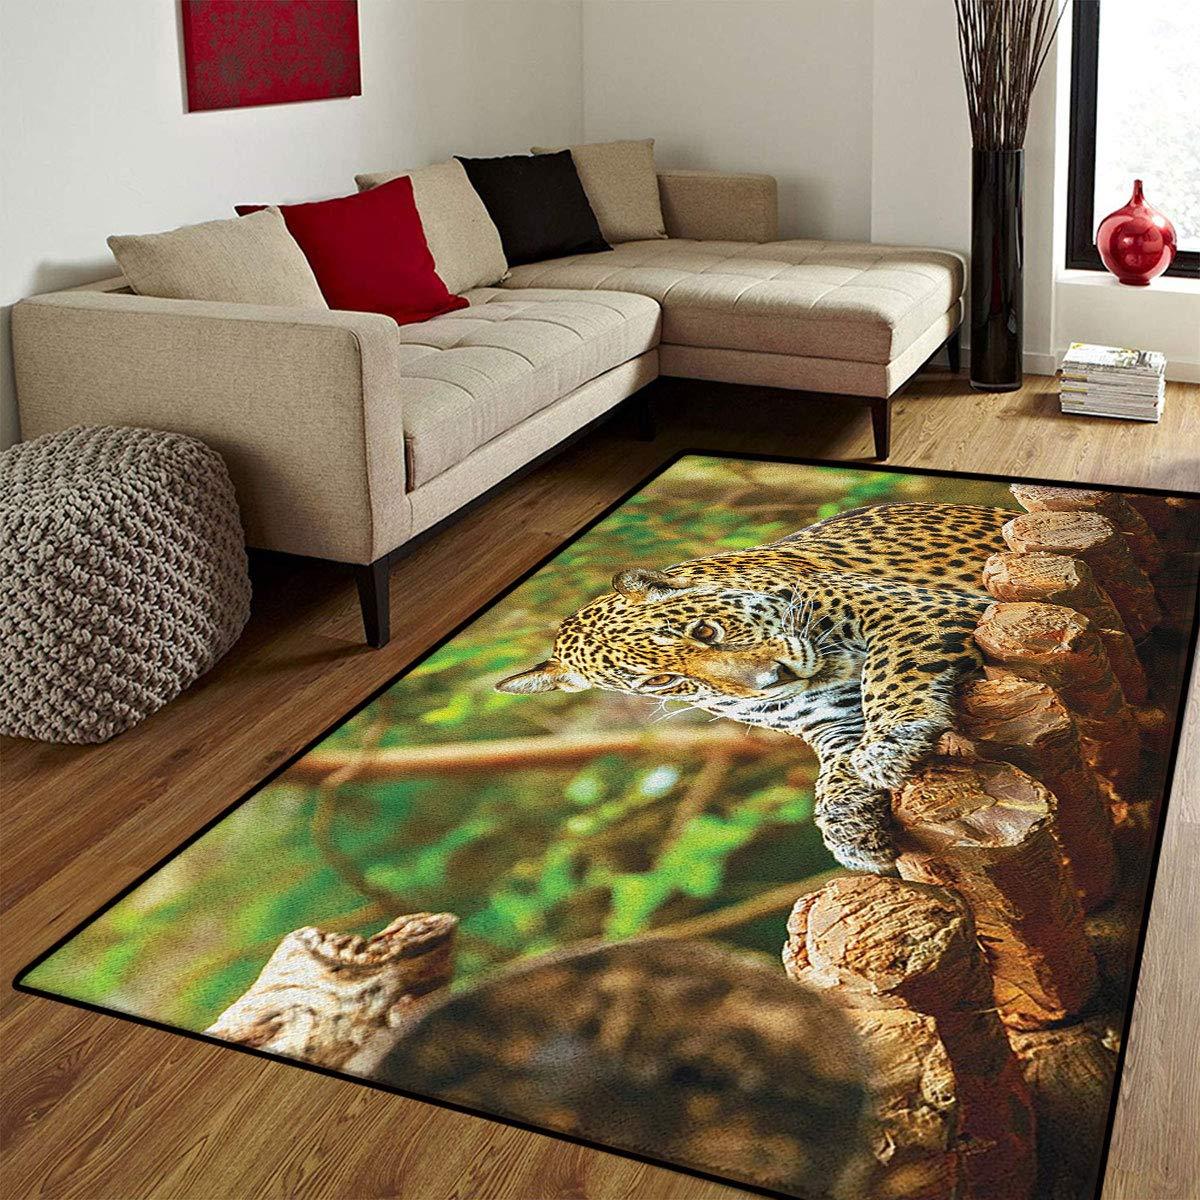 color08 6'6\ color08 6'6\ Zoo,Door Mat Outside,Jaguar on Wood Floor Wildlife Animals Feline Big Cat Mammal Predator Resting,Door Mats for Inside Non Slip Backing,Green Yellow Brown,6.6x8 ft